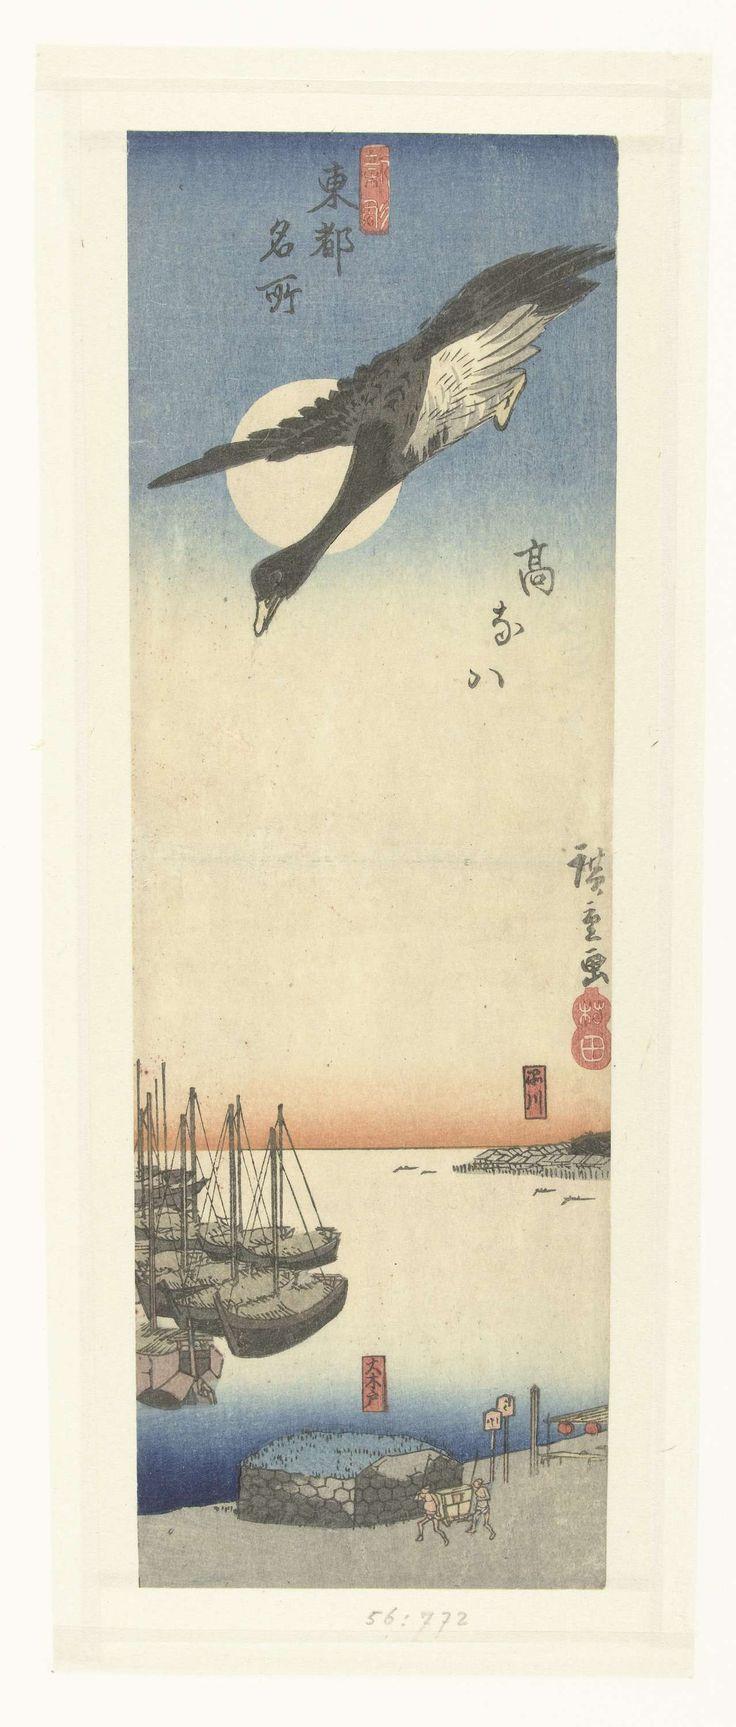 Hiroshige (I) , Utagawa | Takanawa, Hiroshige (I) , Utagawa, Murata Heiemon, 1833 - 1837 | Gans in duikvlucht bij volle maan boven de baai van Takanawa; voor anker liggende schepen  in de haven en een draagstoel op de kade. Op de achtergrond het dorp Shinagawa.